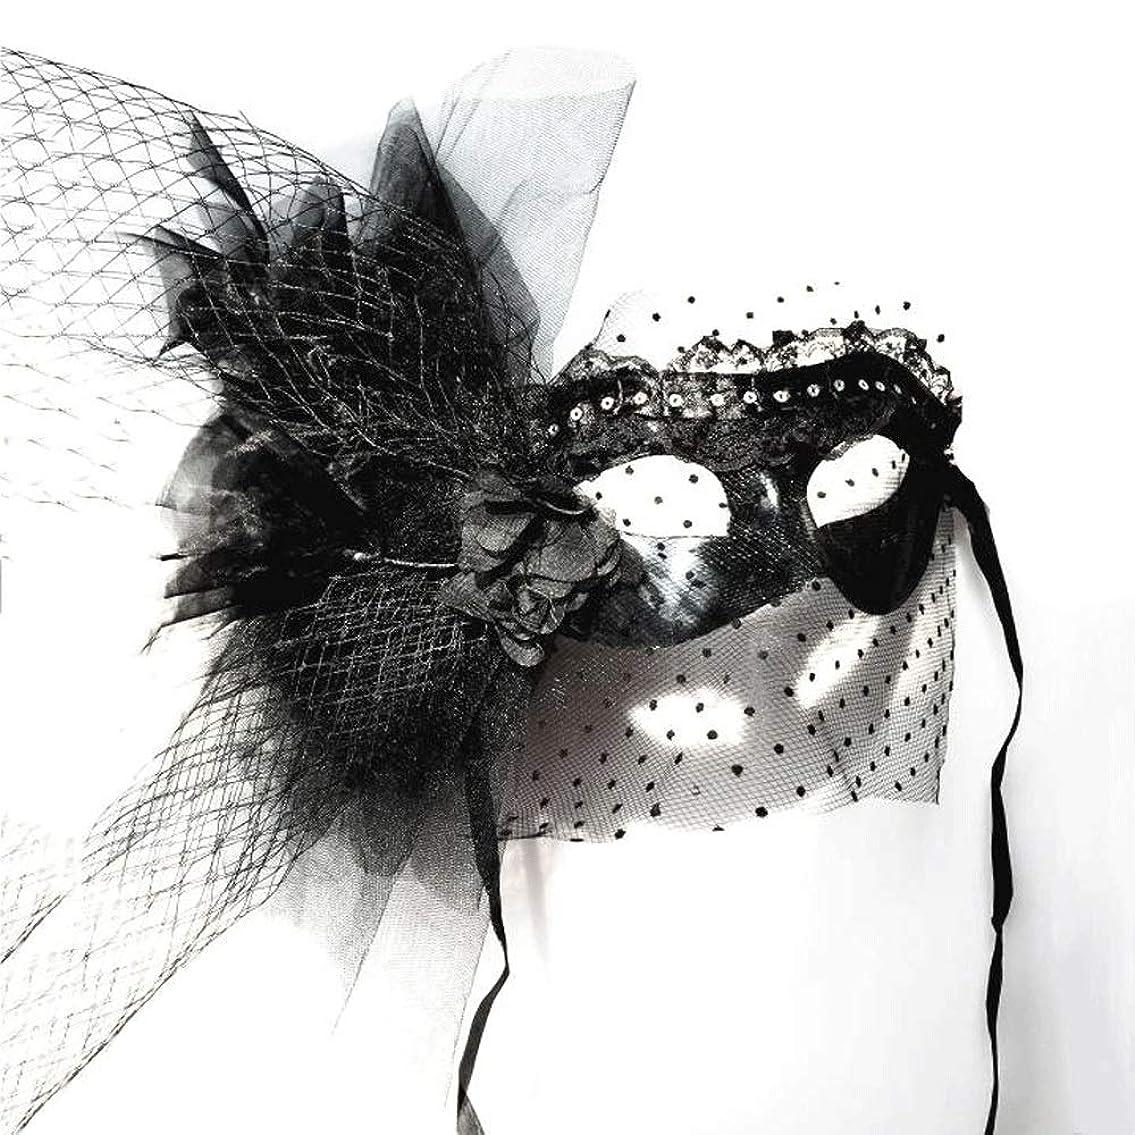 明確に学ぶフィクションNanle ハロウィーンラグジュアリーマスカレードマスクブラックスワンレースイブニングパーティVenetian Mardi Gras Party Mask